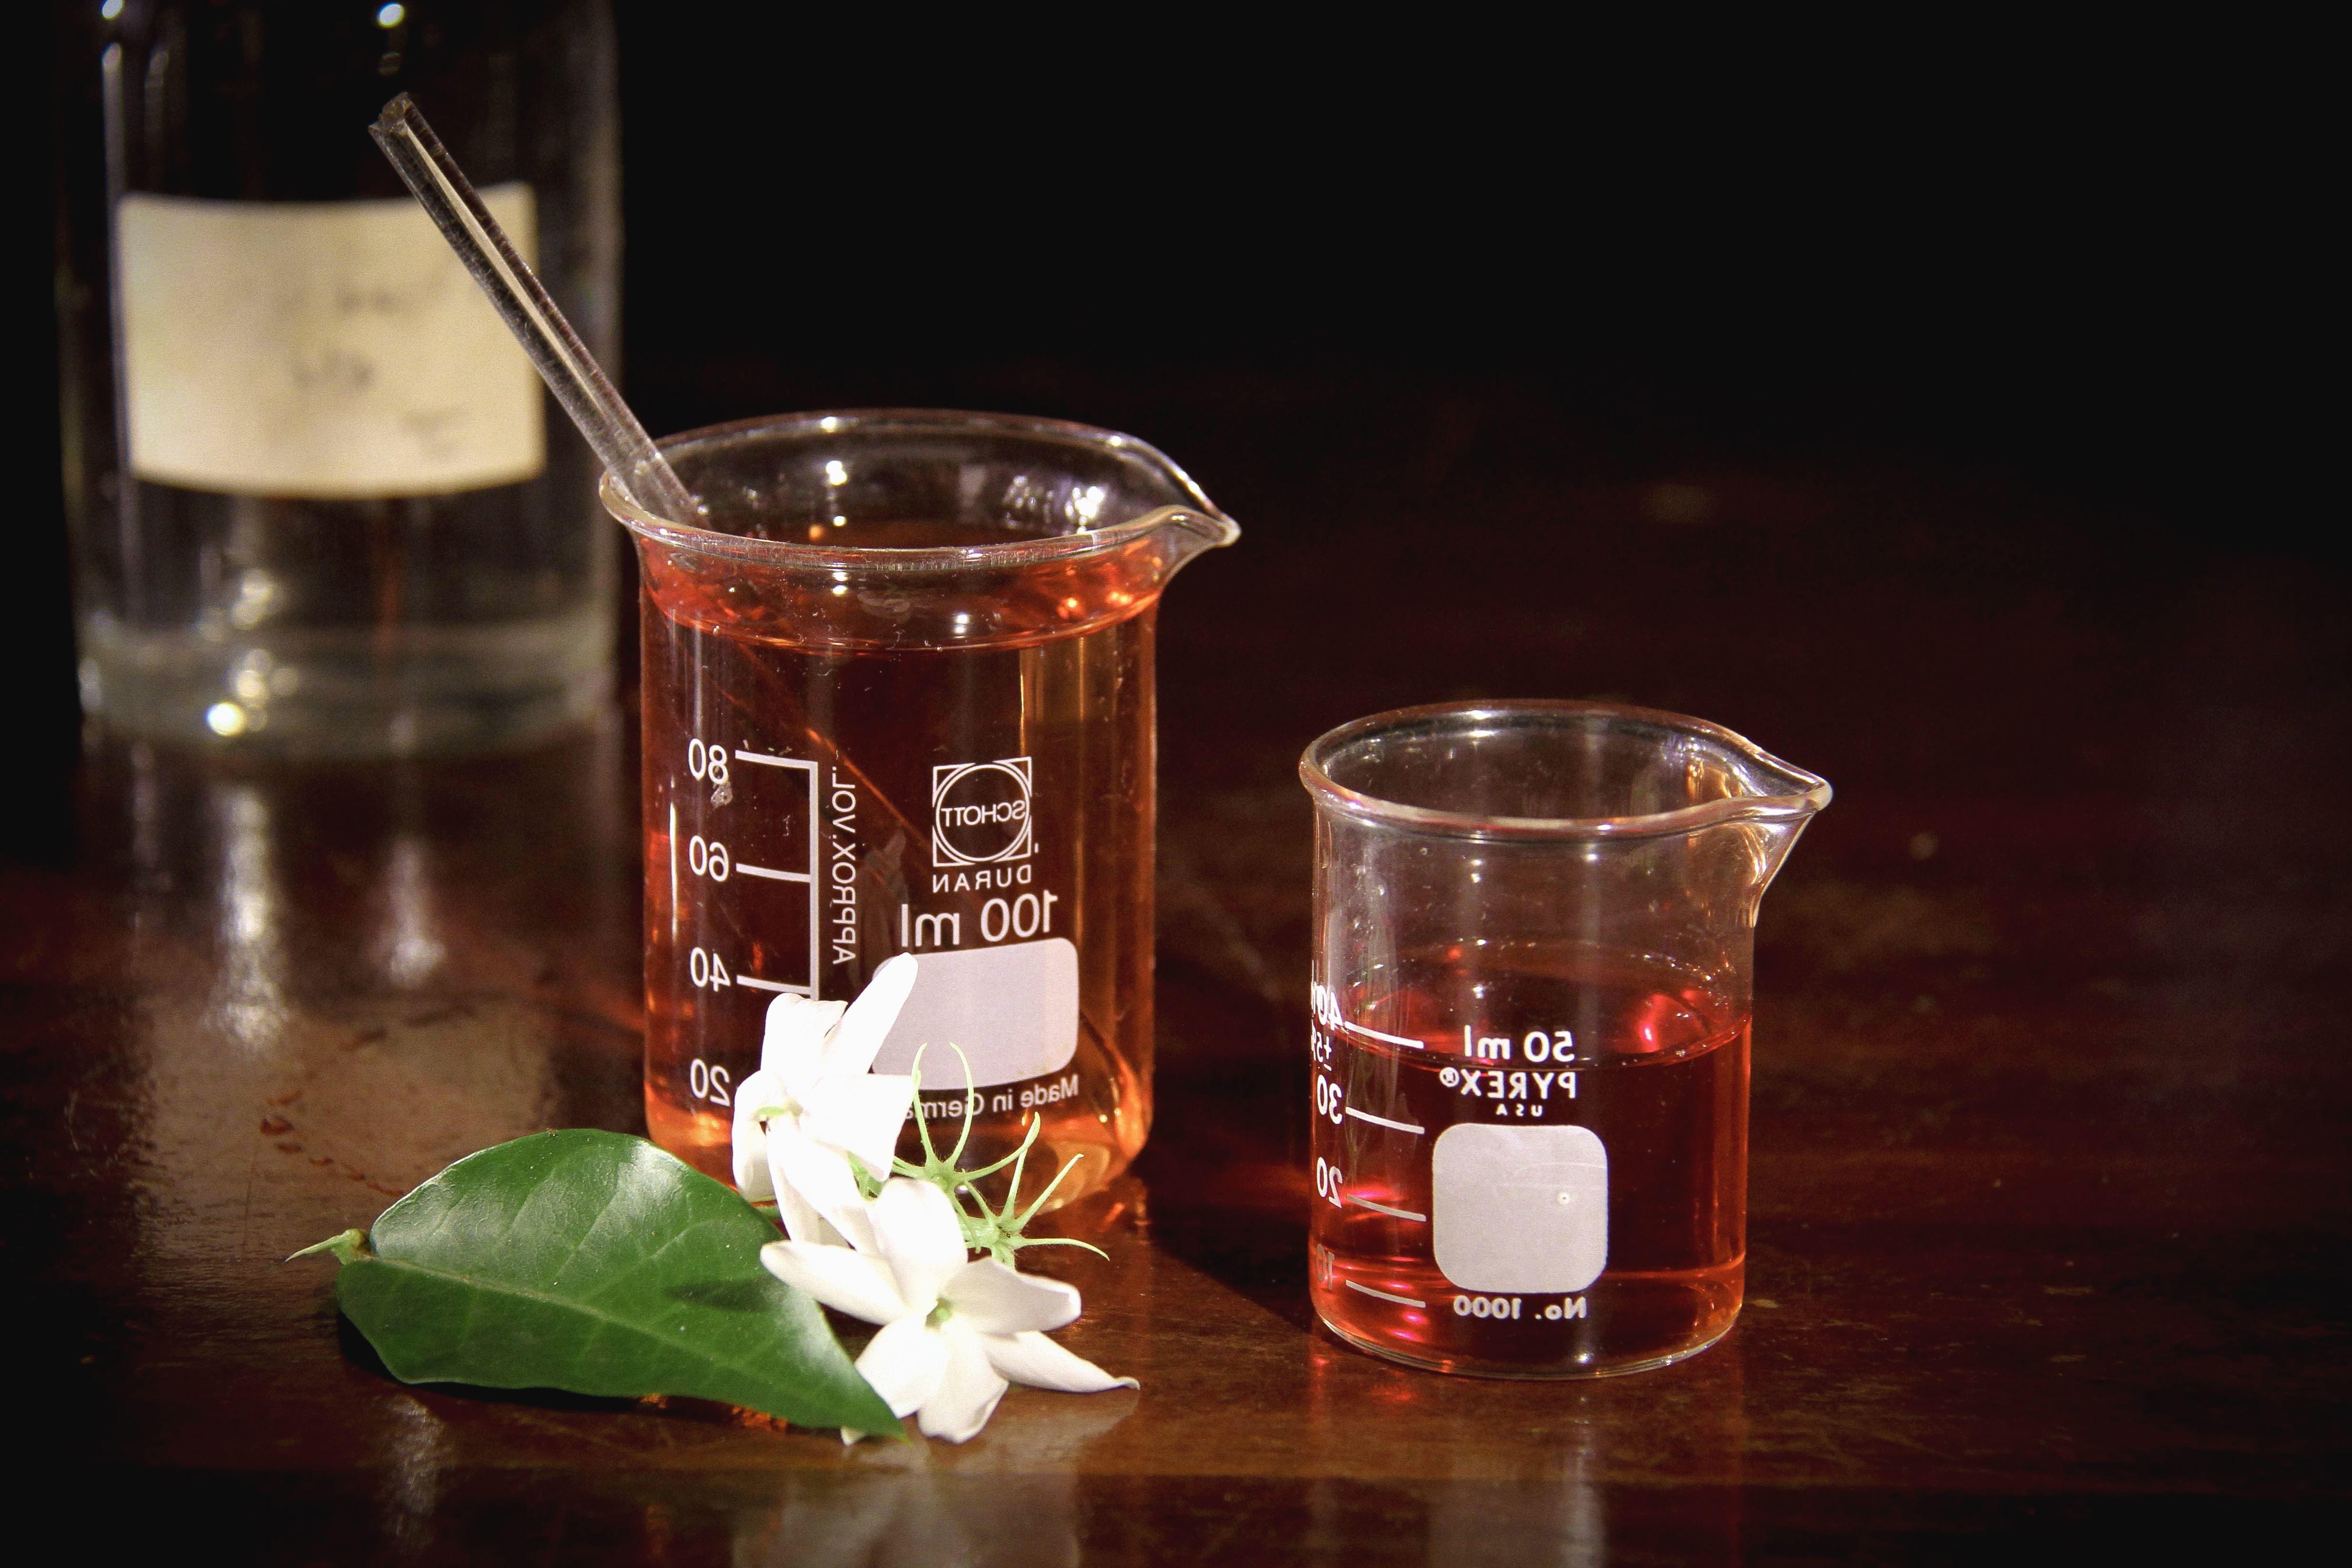 Kostenlose bild chemie chemikalien glas labor blatt for Trauermucken loswerden mit chemie